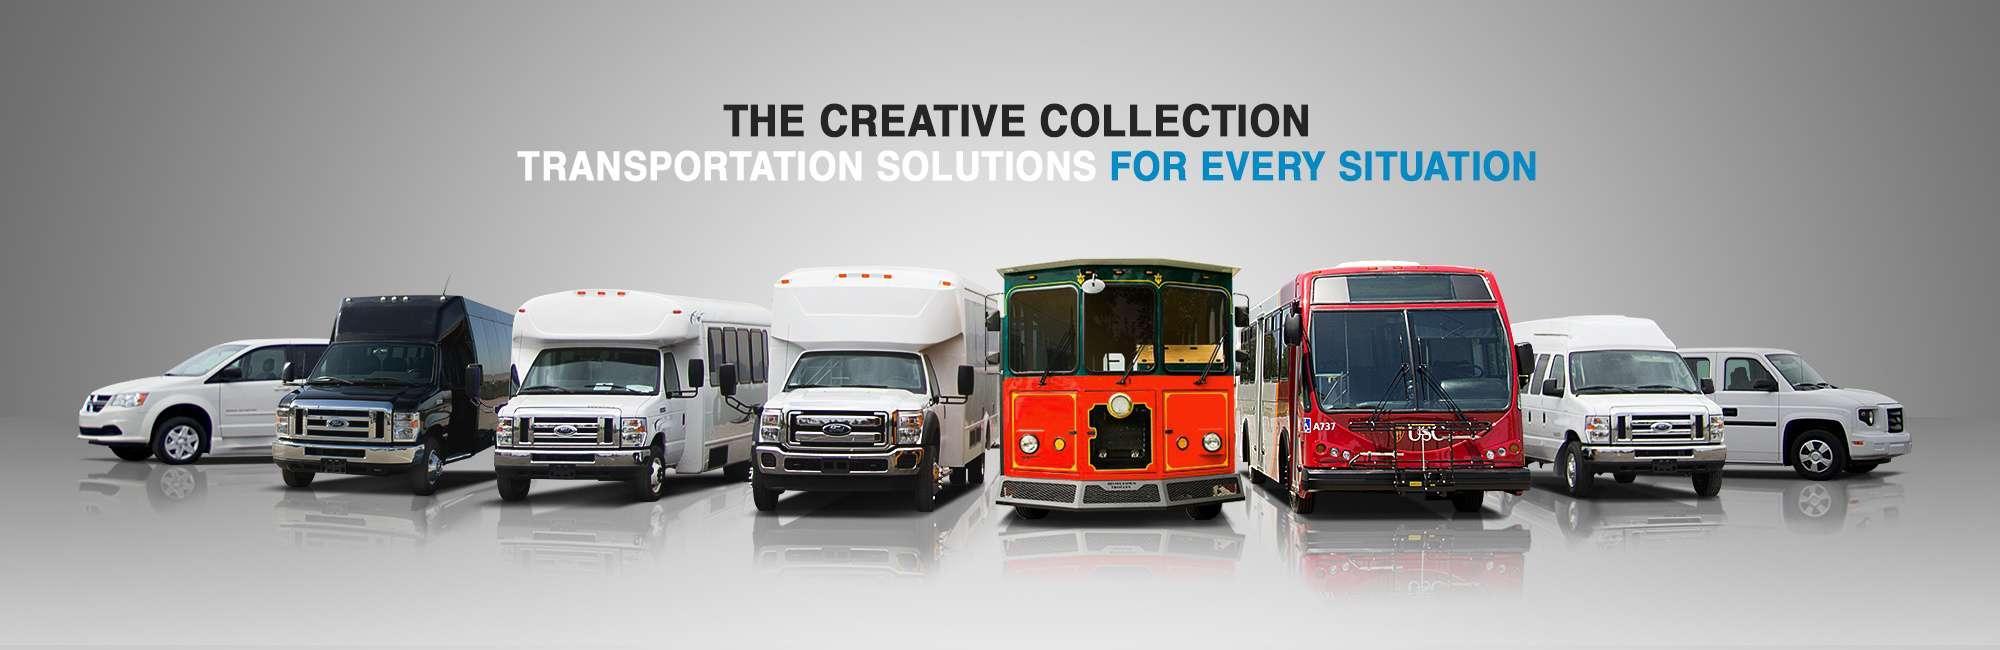 buses-main_compressed.jpg